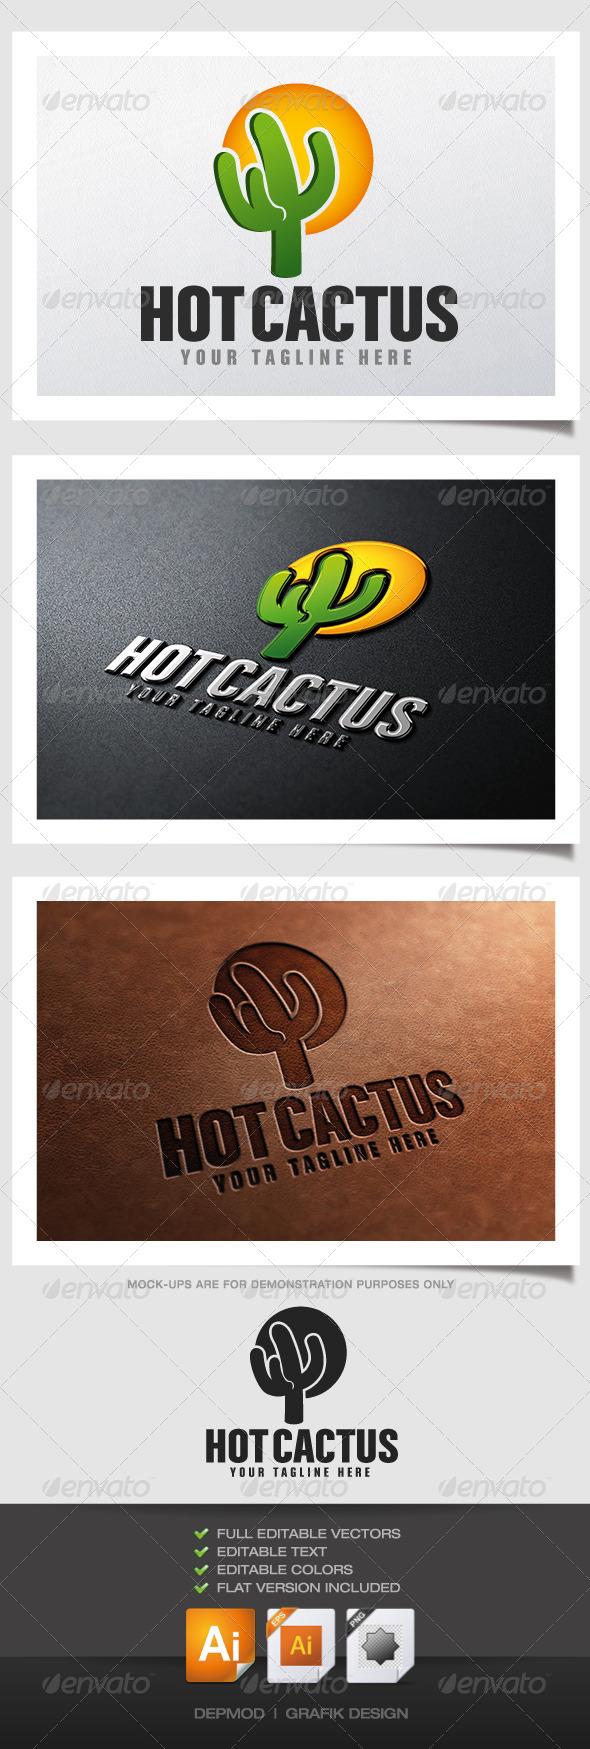 GraphicRiver Hot Cactus Logo 4745405